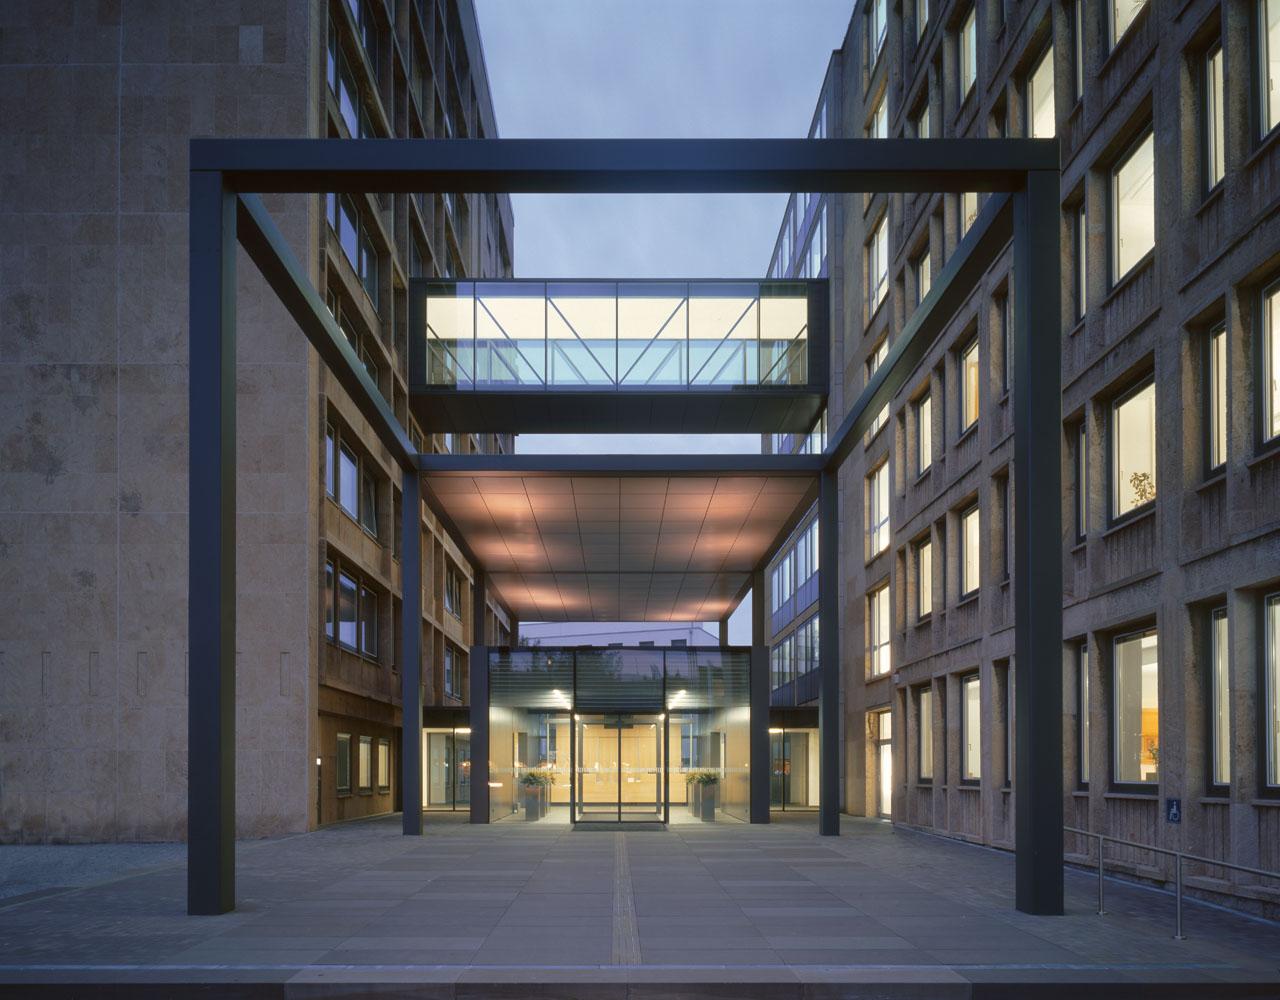 Guetersloh-Rathaus-Erweiterung-Eingang-Nacht